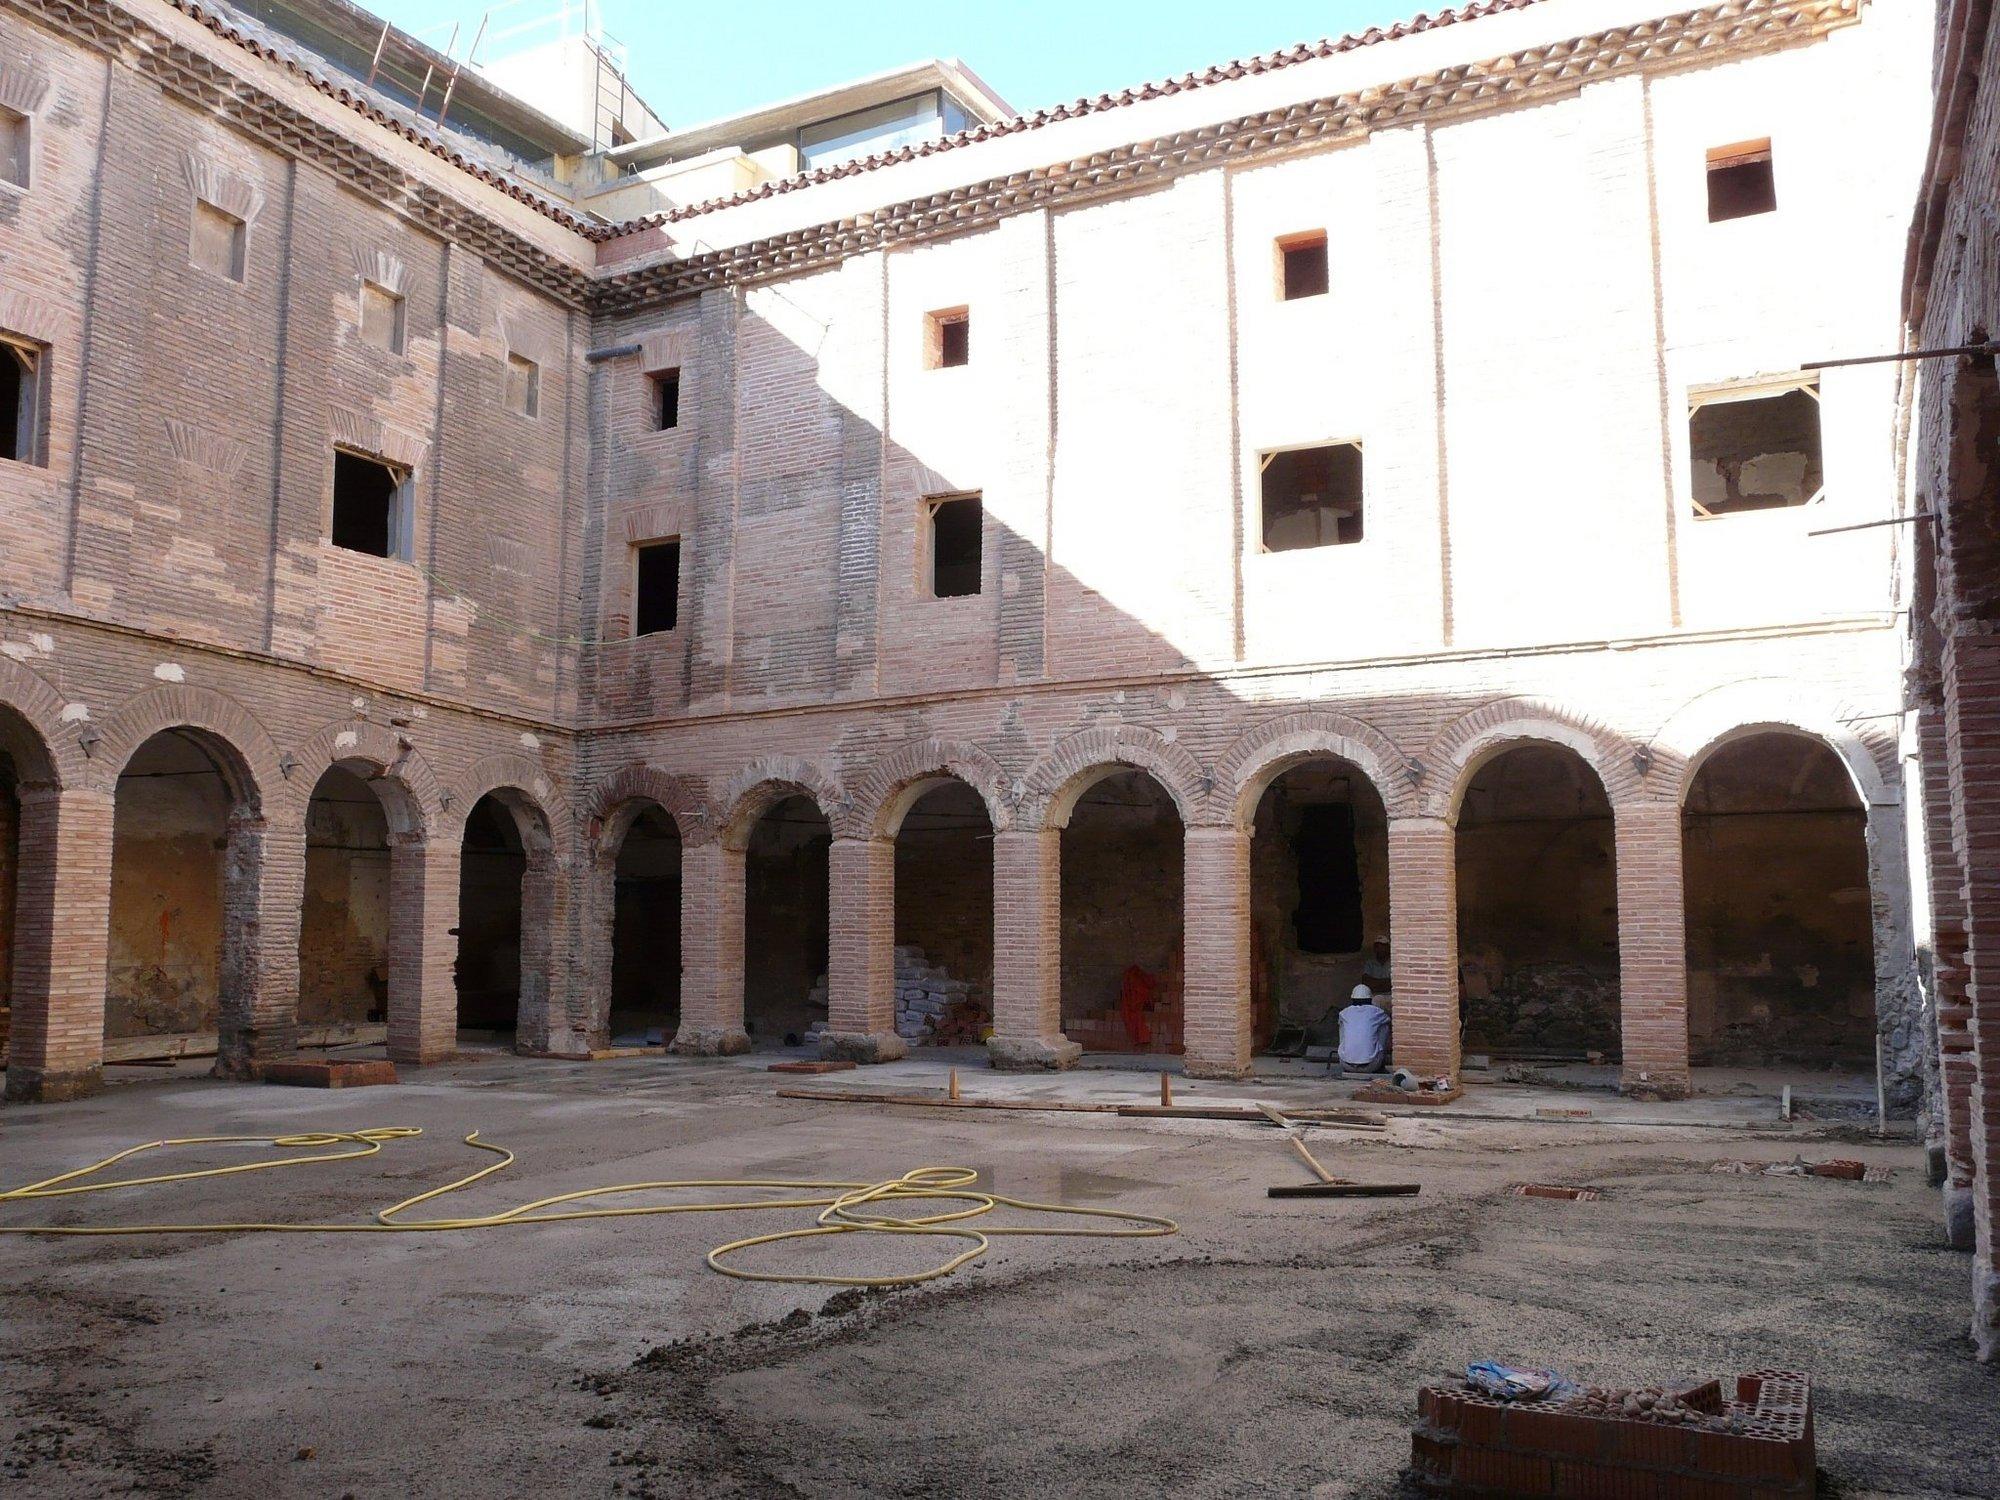 PSOE propone cubrir el patio interior de Seminario de Nobles de Calatayud para dar mayor utilidad al espacio